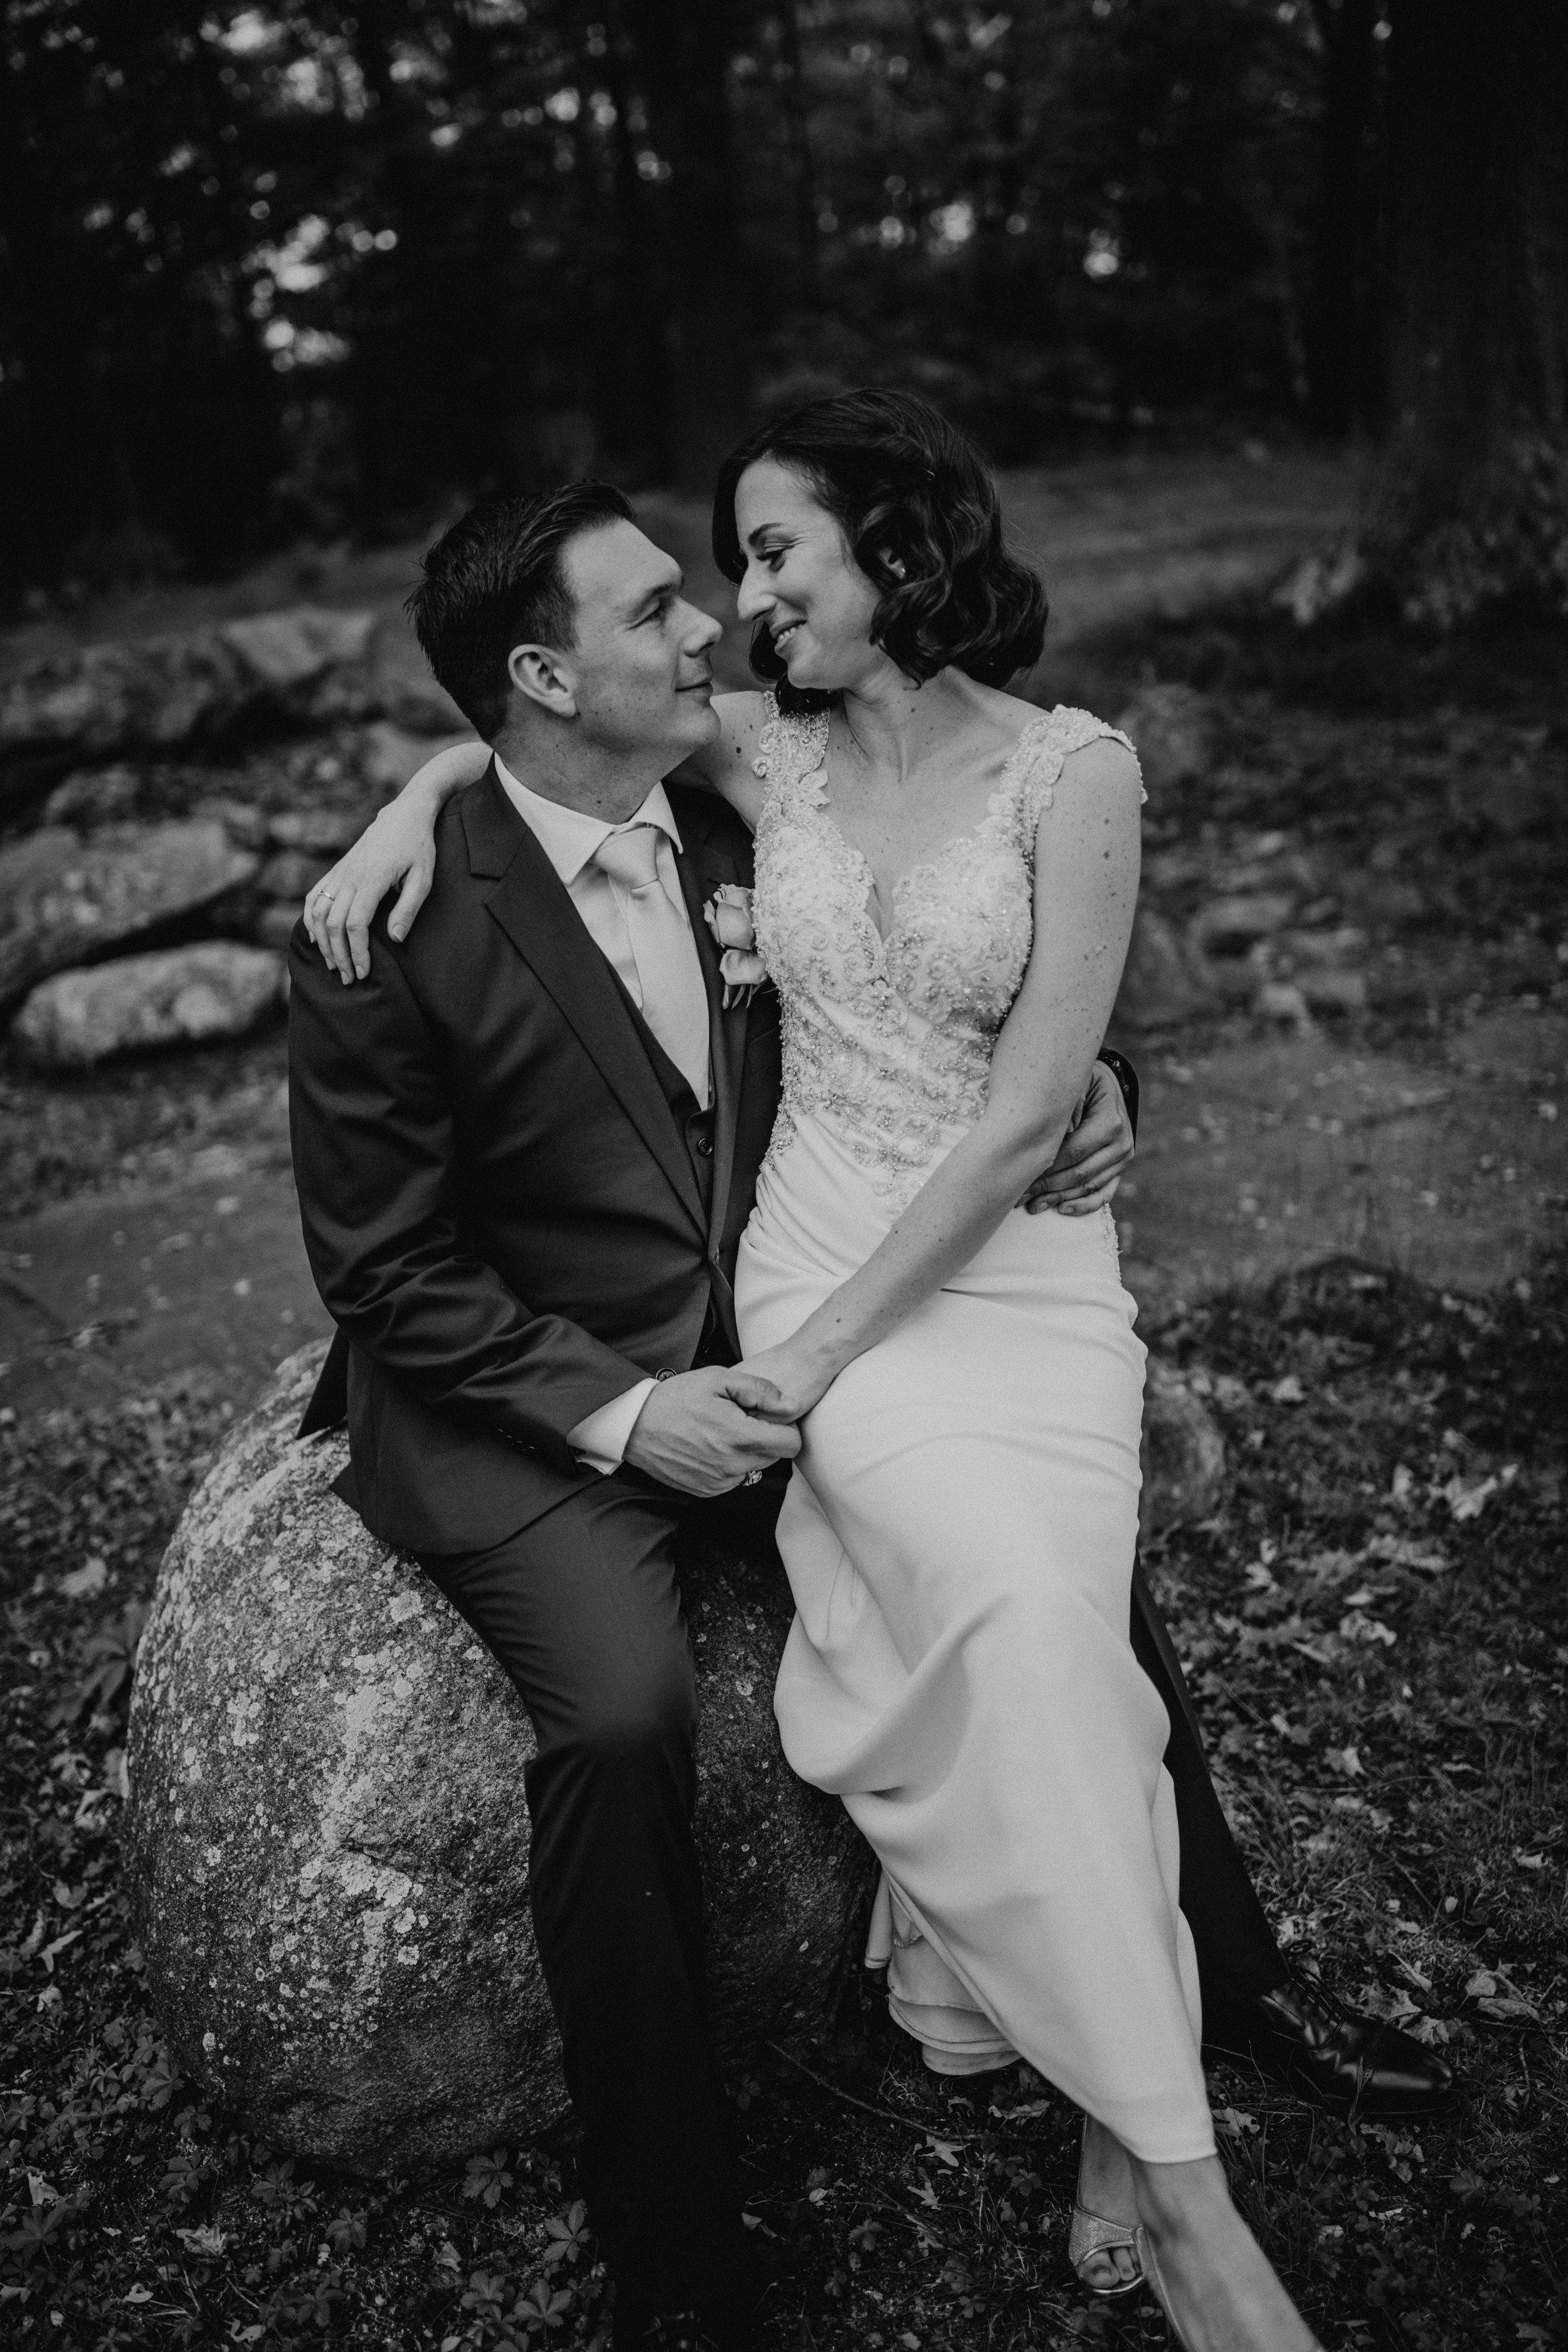 LaurenandAlex-weddingpreviews(31of35).jpg